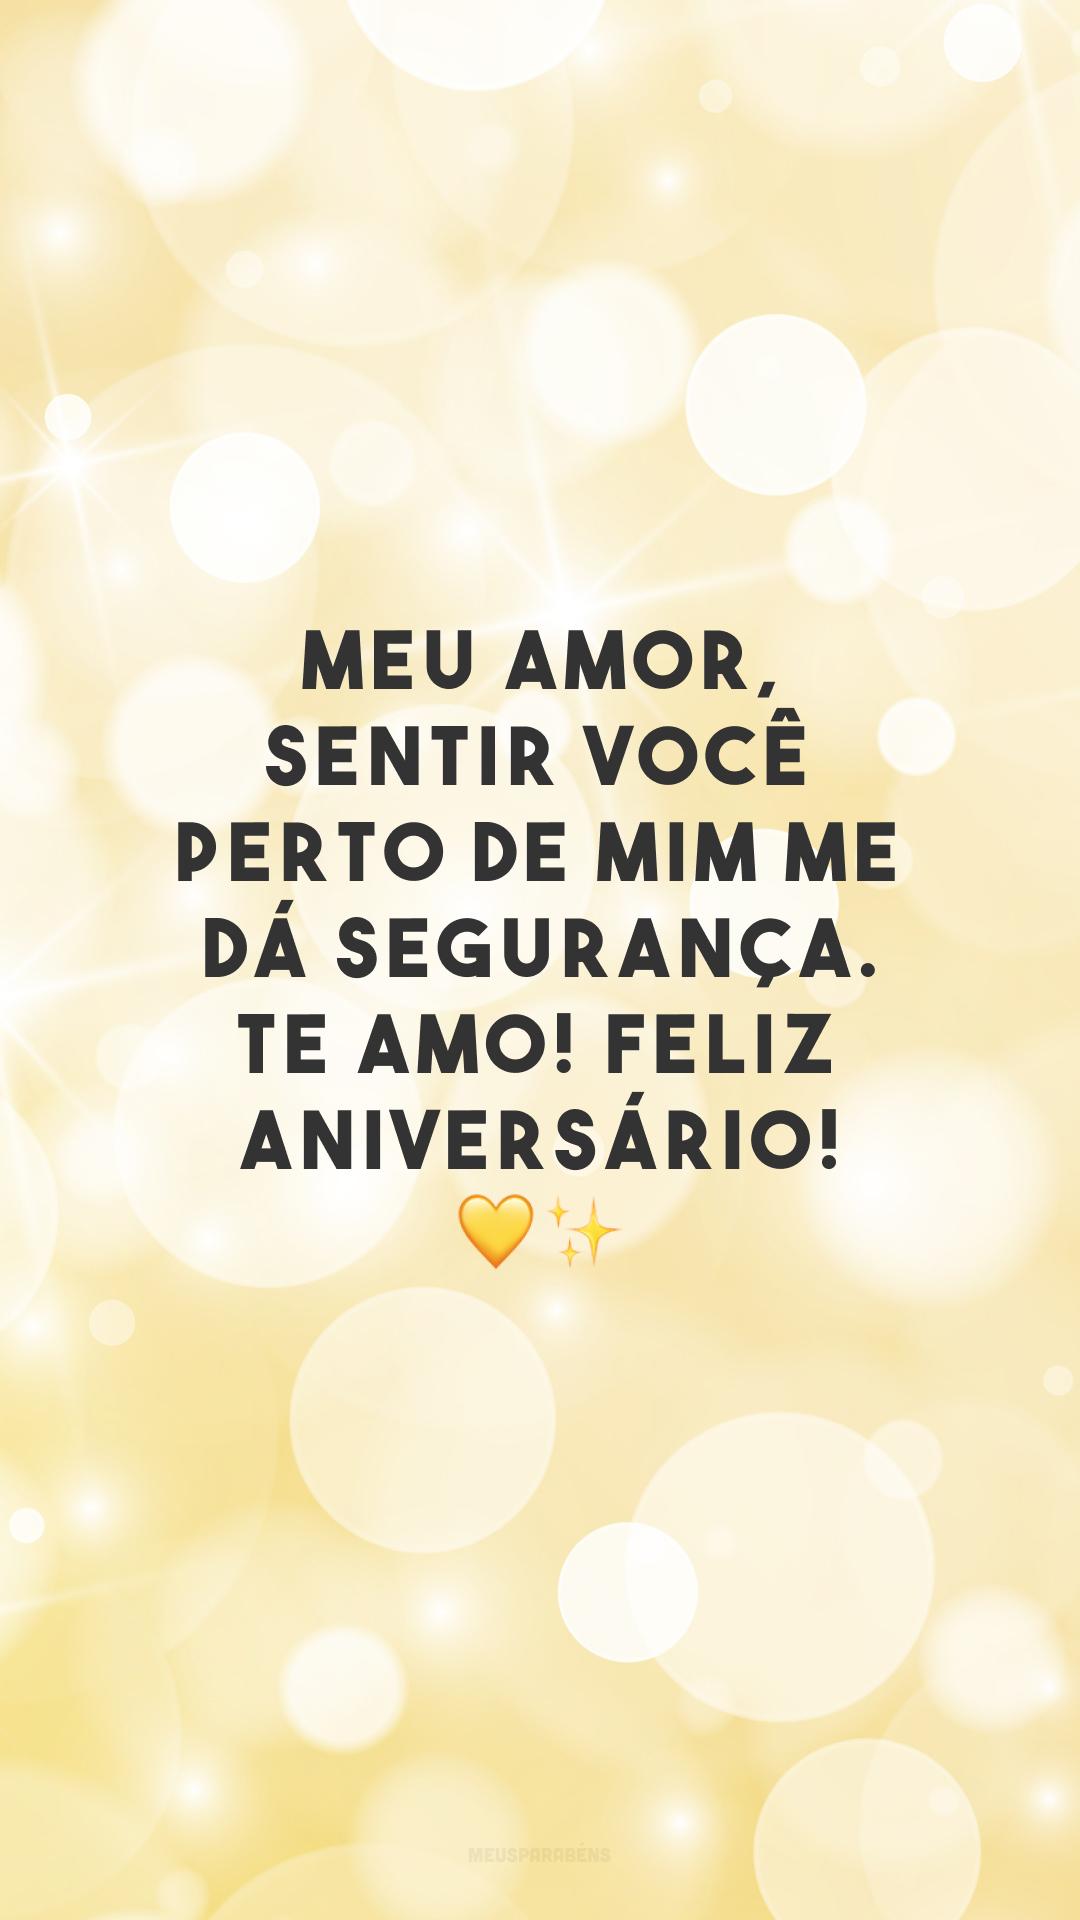 Meu amor, sentir você perto de mim me dá segurança. Te amo! Feliz aniversário! 💛✨